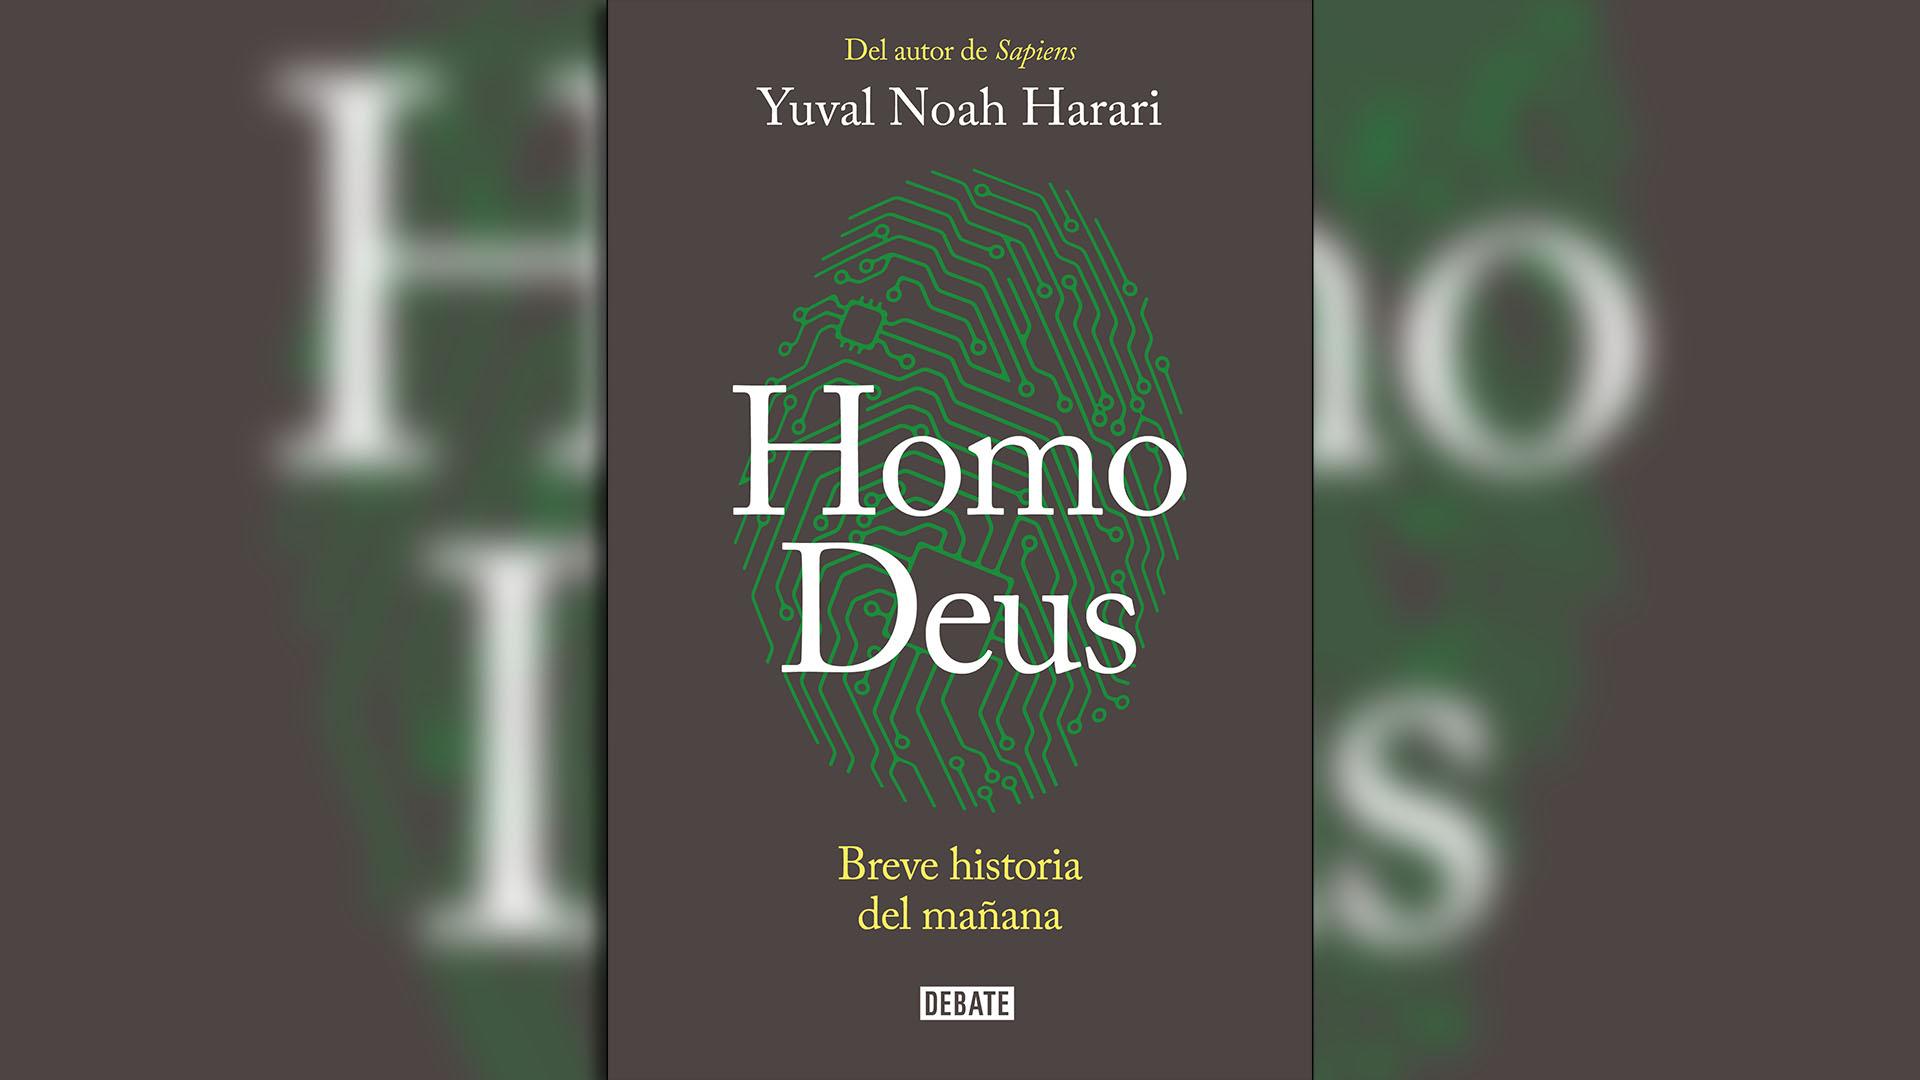 """Yuval Noah Harari, el historiador israelí escribió dos best seller de fama mundial: """"Homo Sapiens"""" y """"Homo Deus"""". Este último es un libro transhumanista que lo convirtió en el pensador de cabecera del Mark Zuckerberg."""